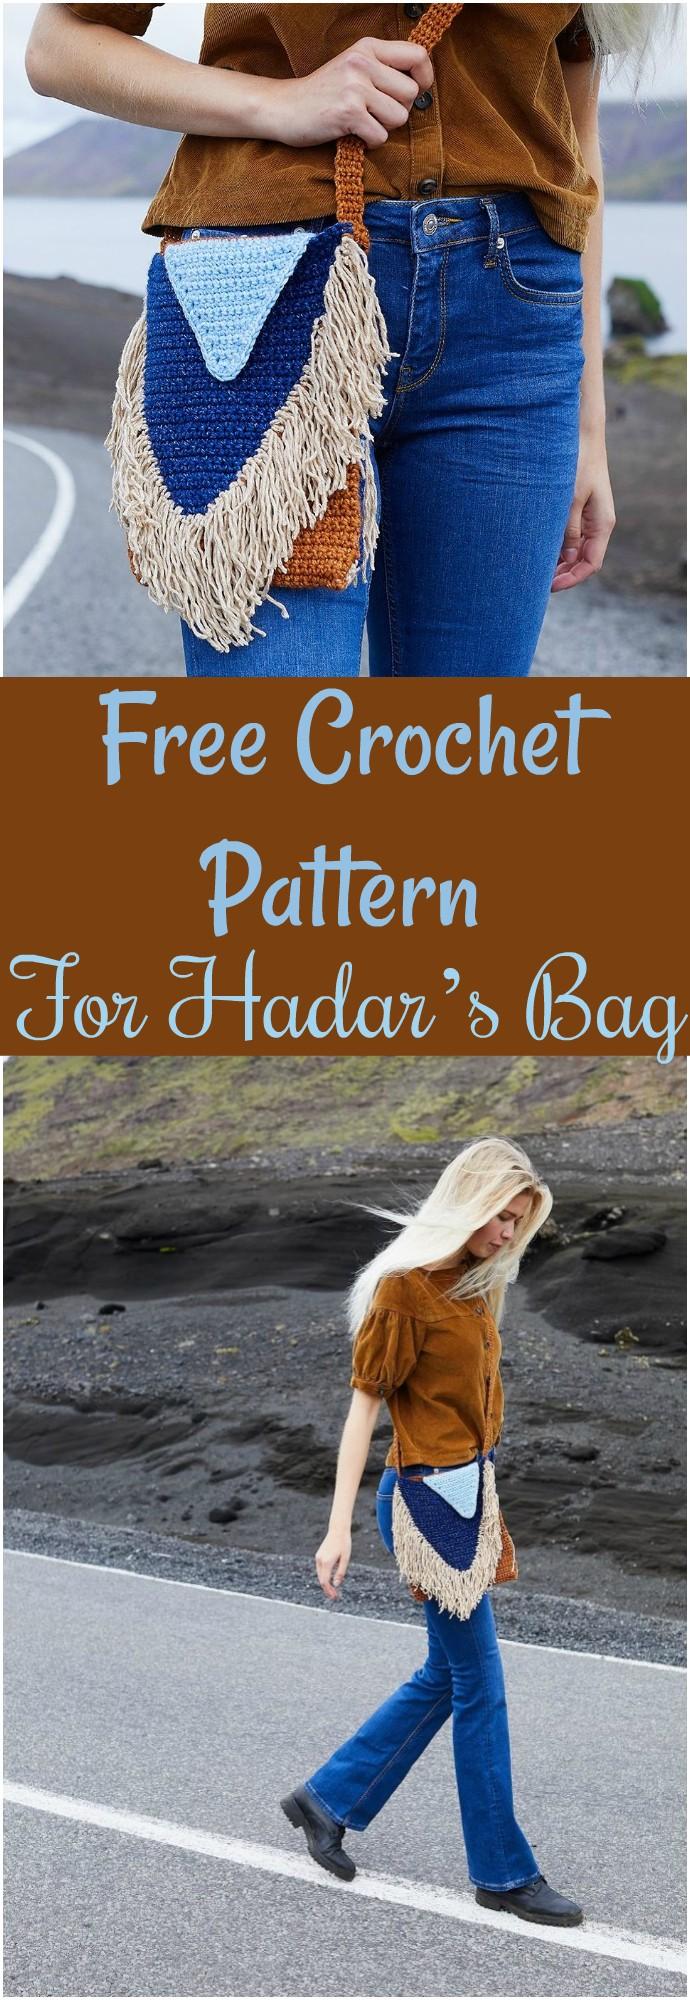 Free Crochet Pattern For Hadar's Bag